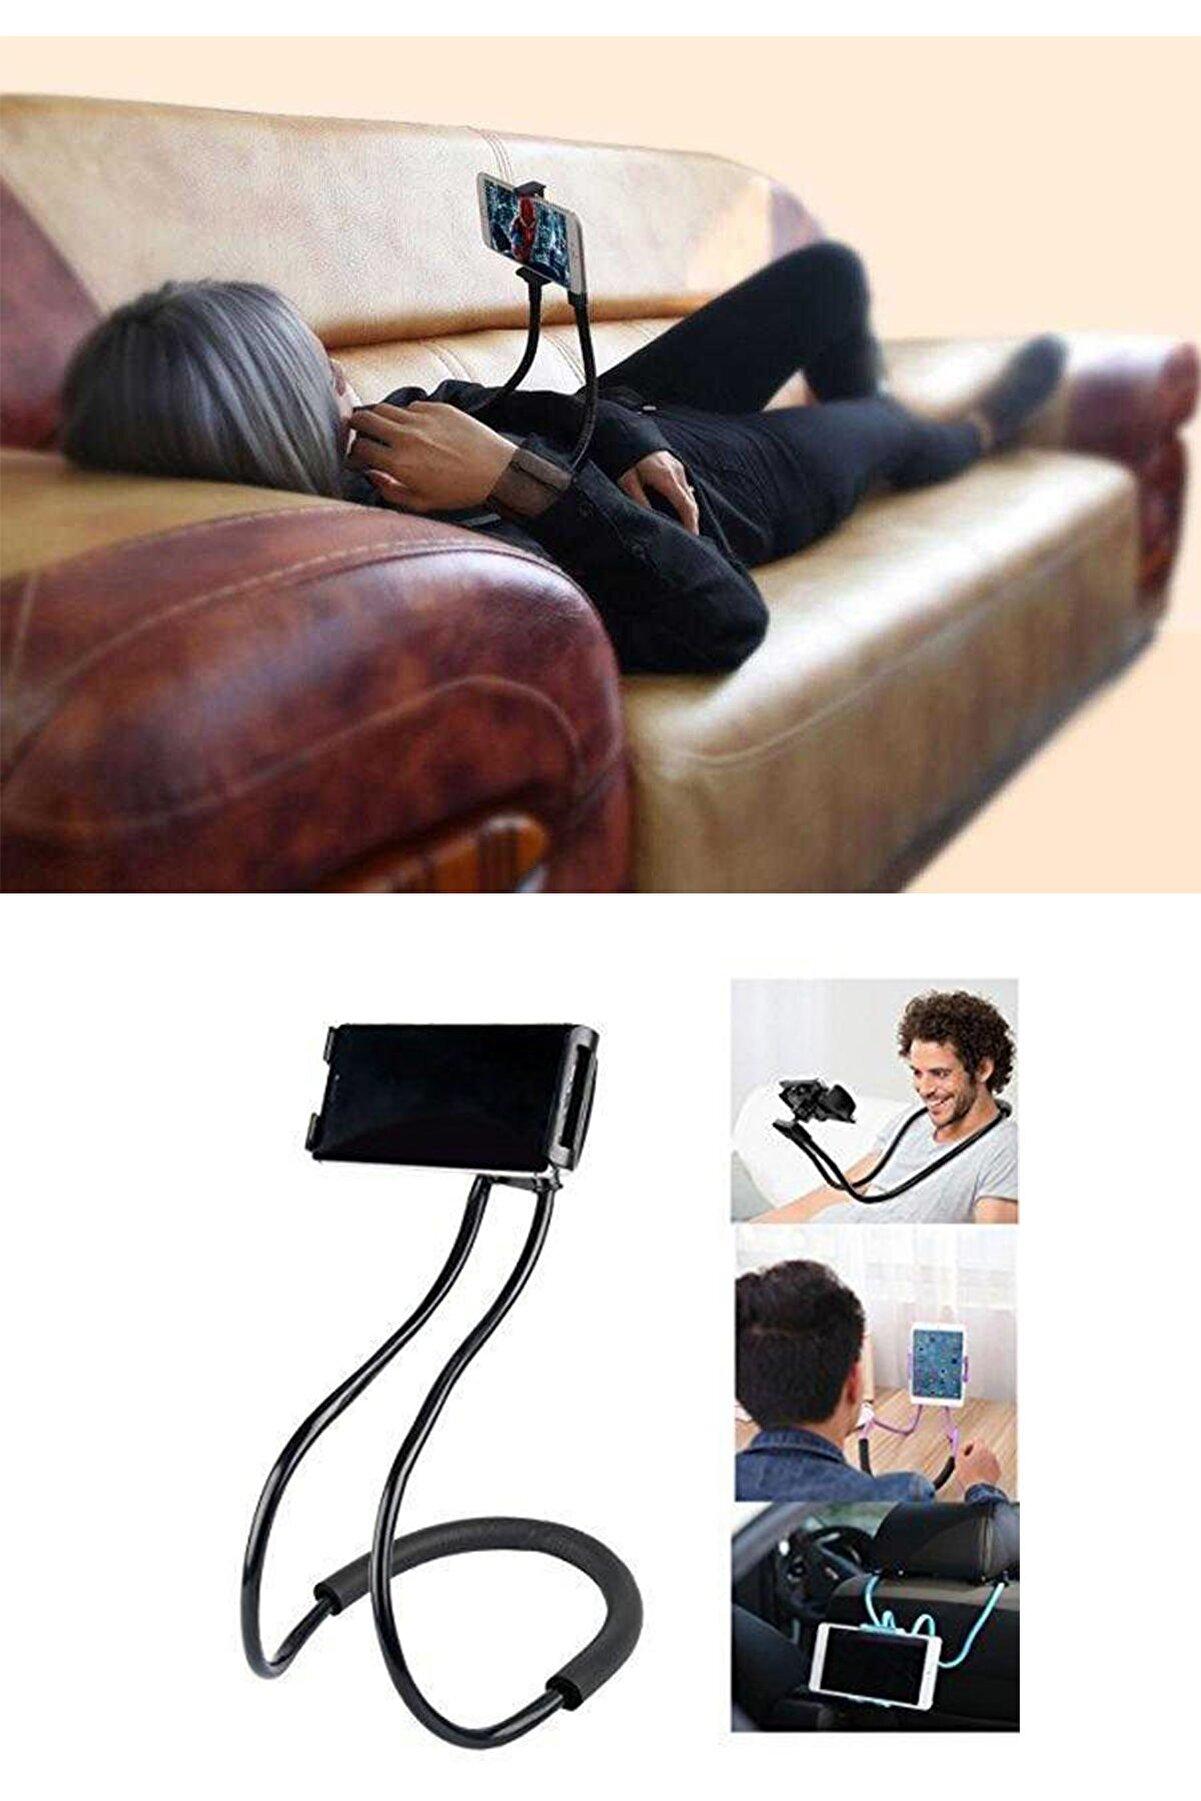 Keyfi Sepet Boyuna Asılan ve Masaüstü Telefon Tutucu